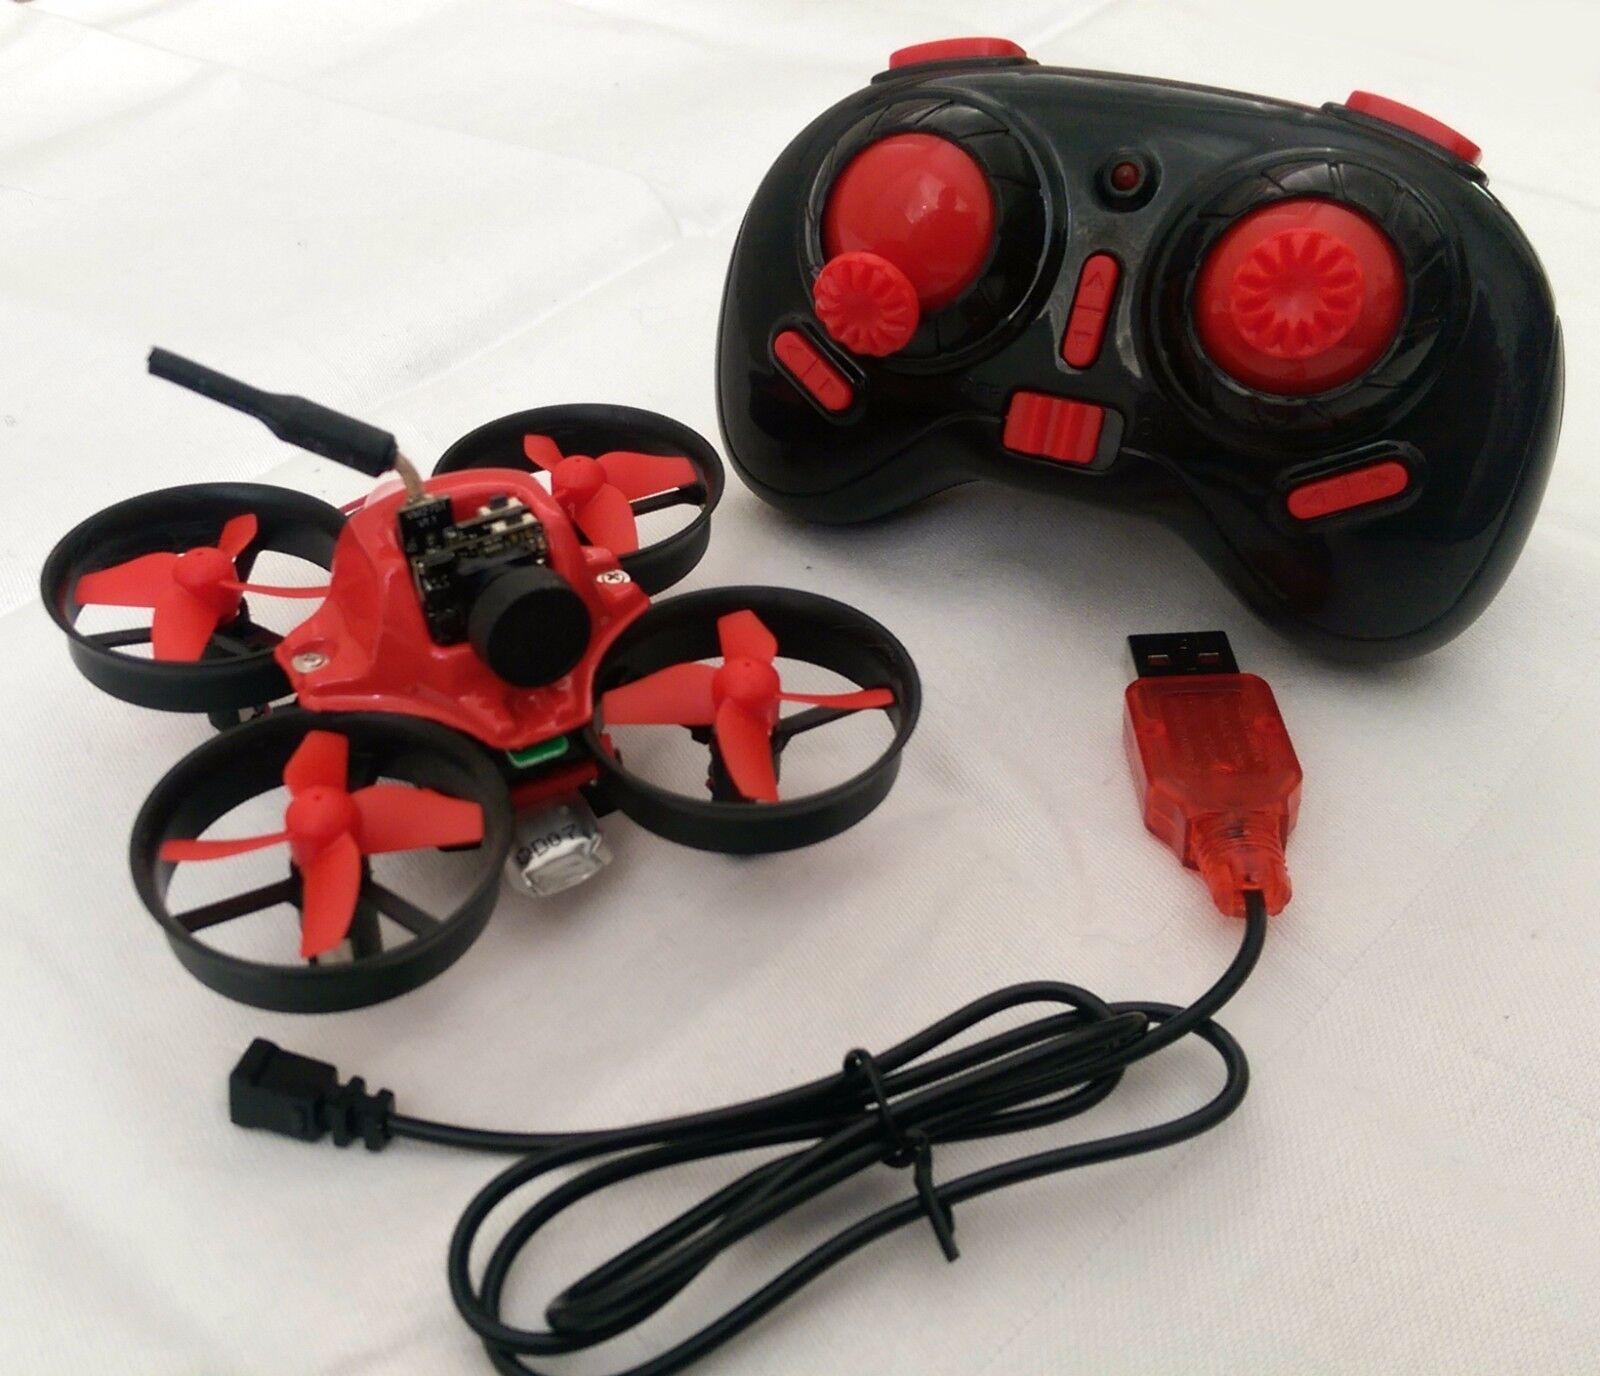 Markerfire RC FPV Indoor Micro Racing Drone pronto a volare RTF Tiny facciamo Festa Uk